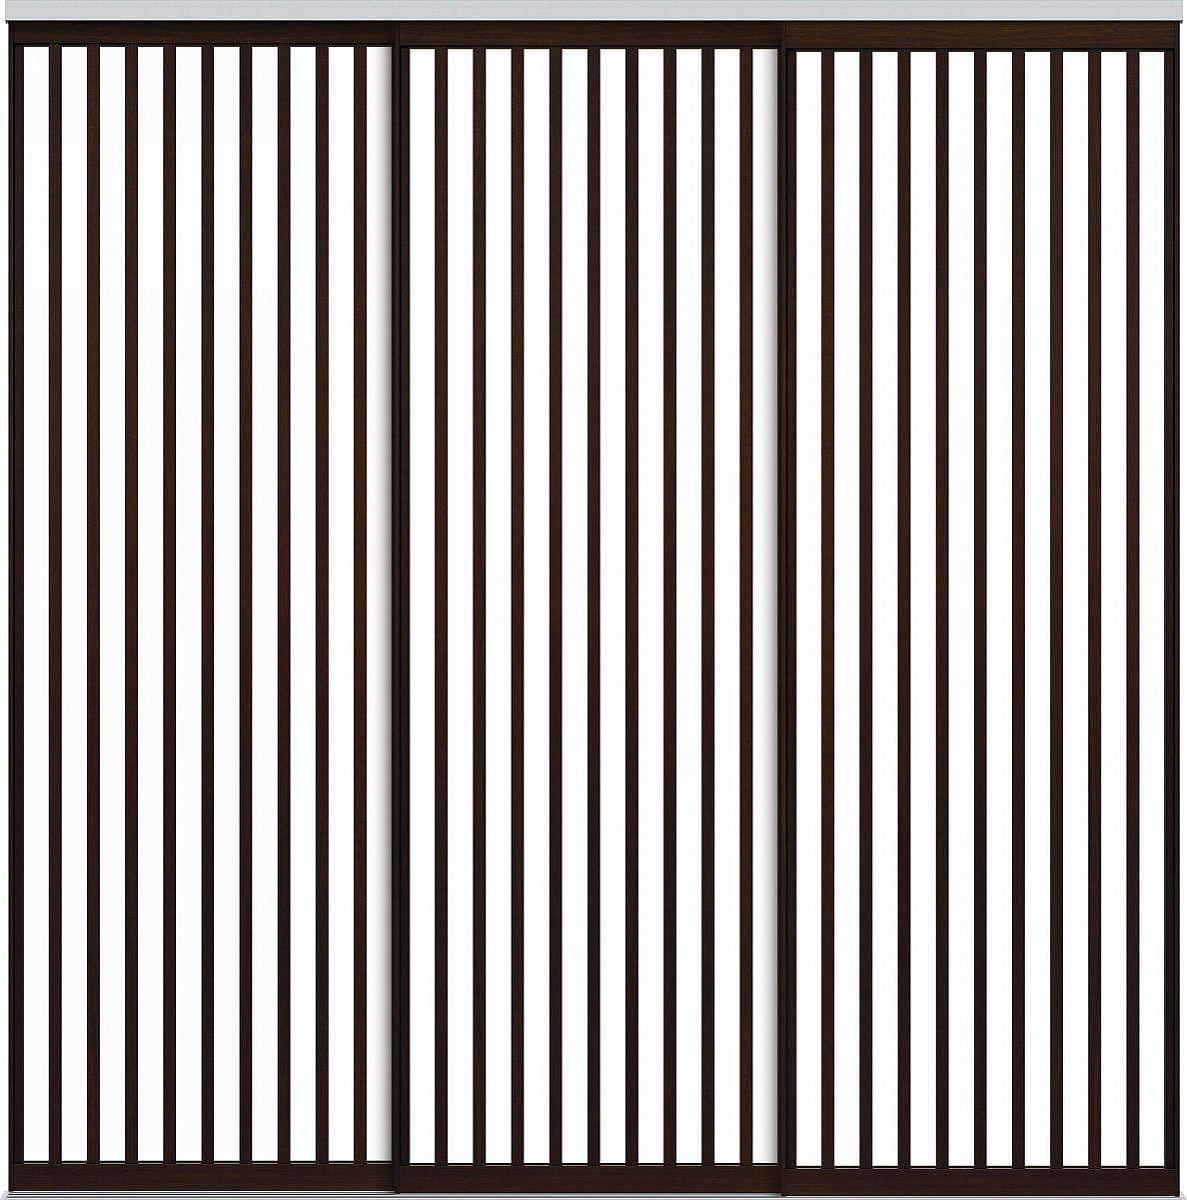 YKKAPアルミインテリア スクリーンパーティション[間仕切] 引違い3枚建(アルミ枠) Jタイプ:[幅1740~2604mm×高2443~2732mm]